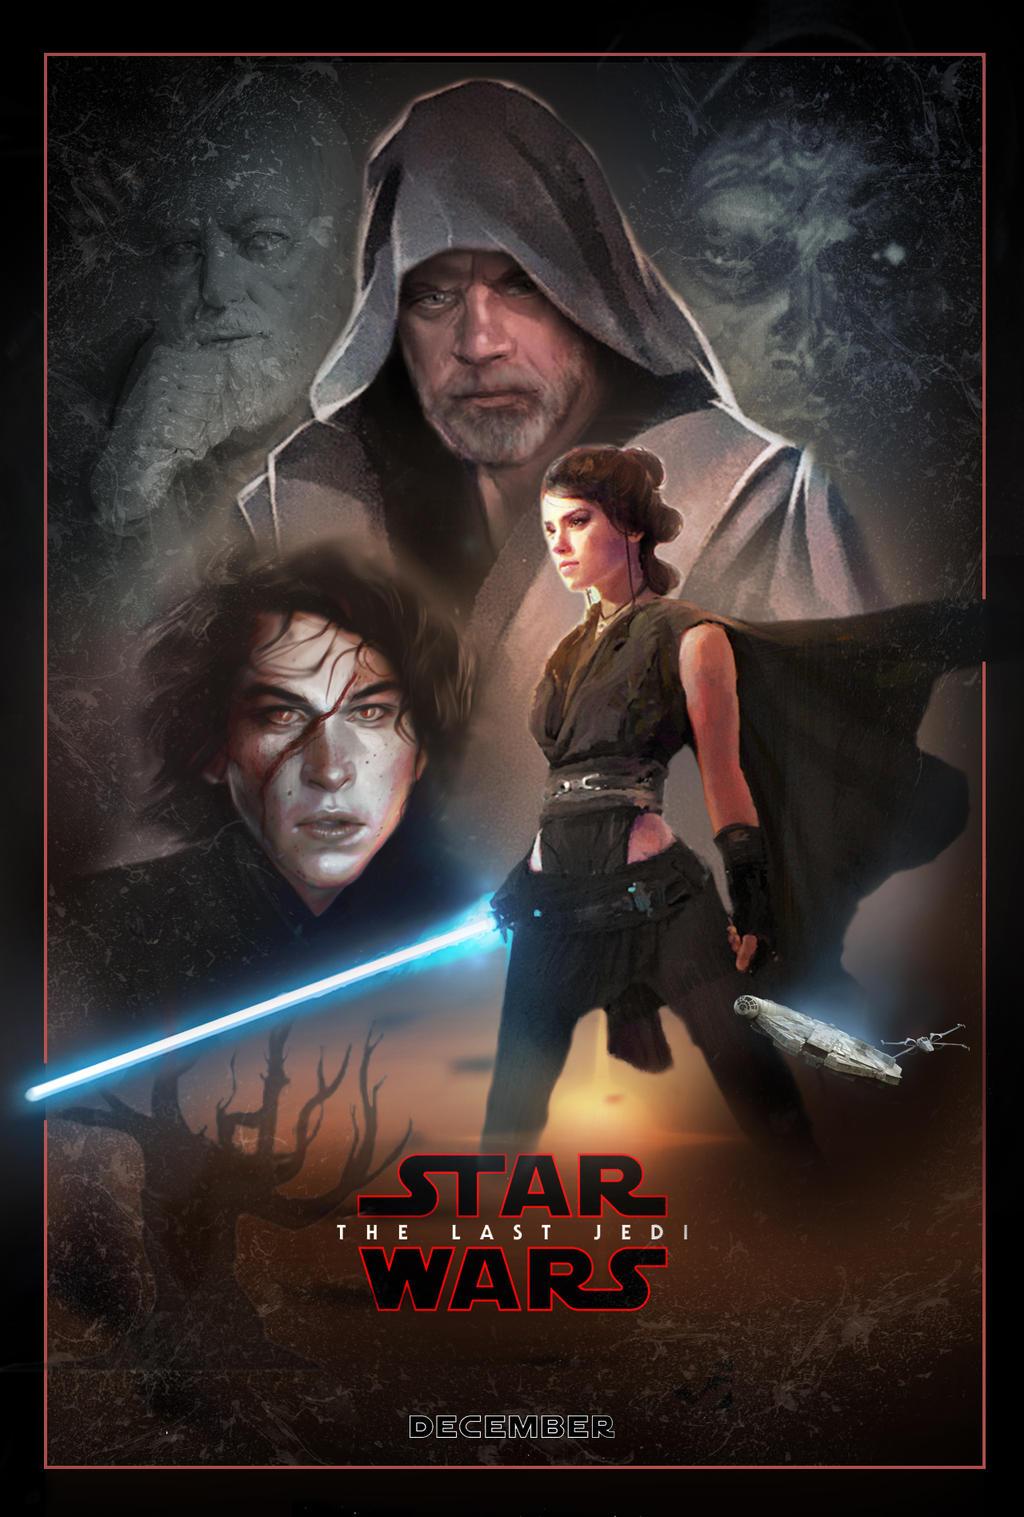 The Last Jedi - Fan Poster